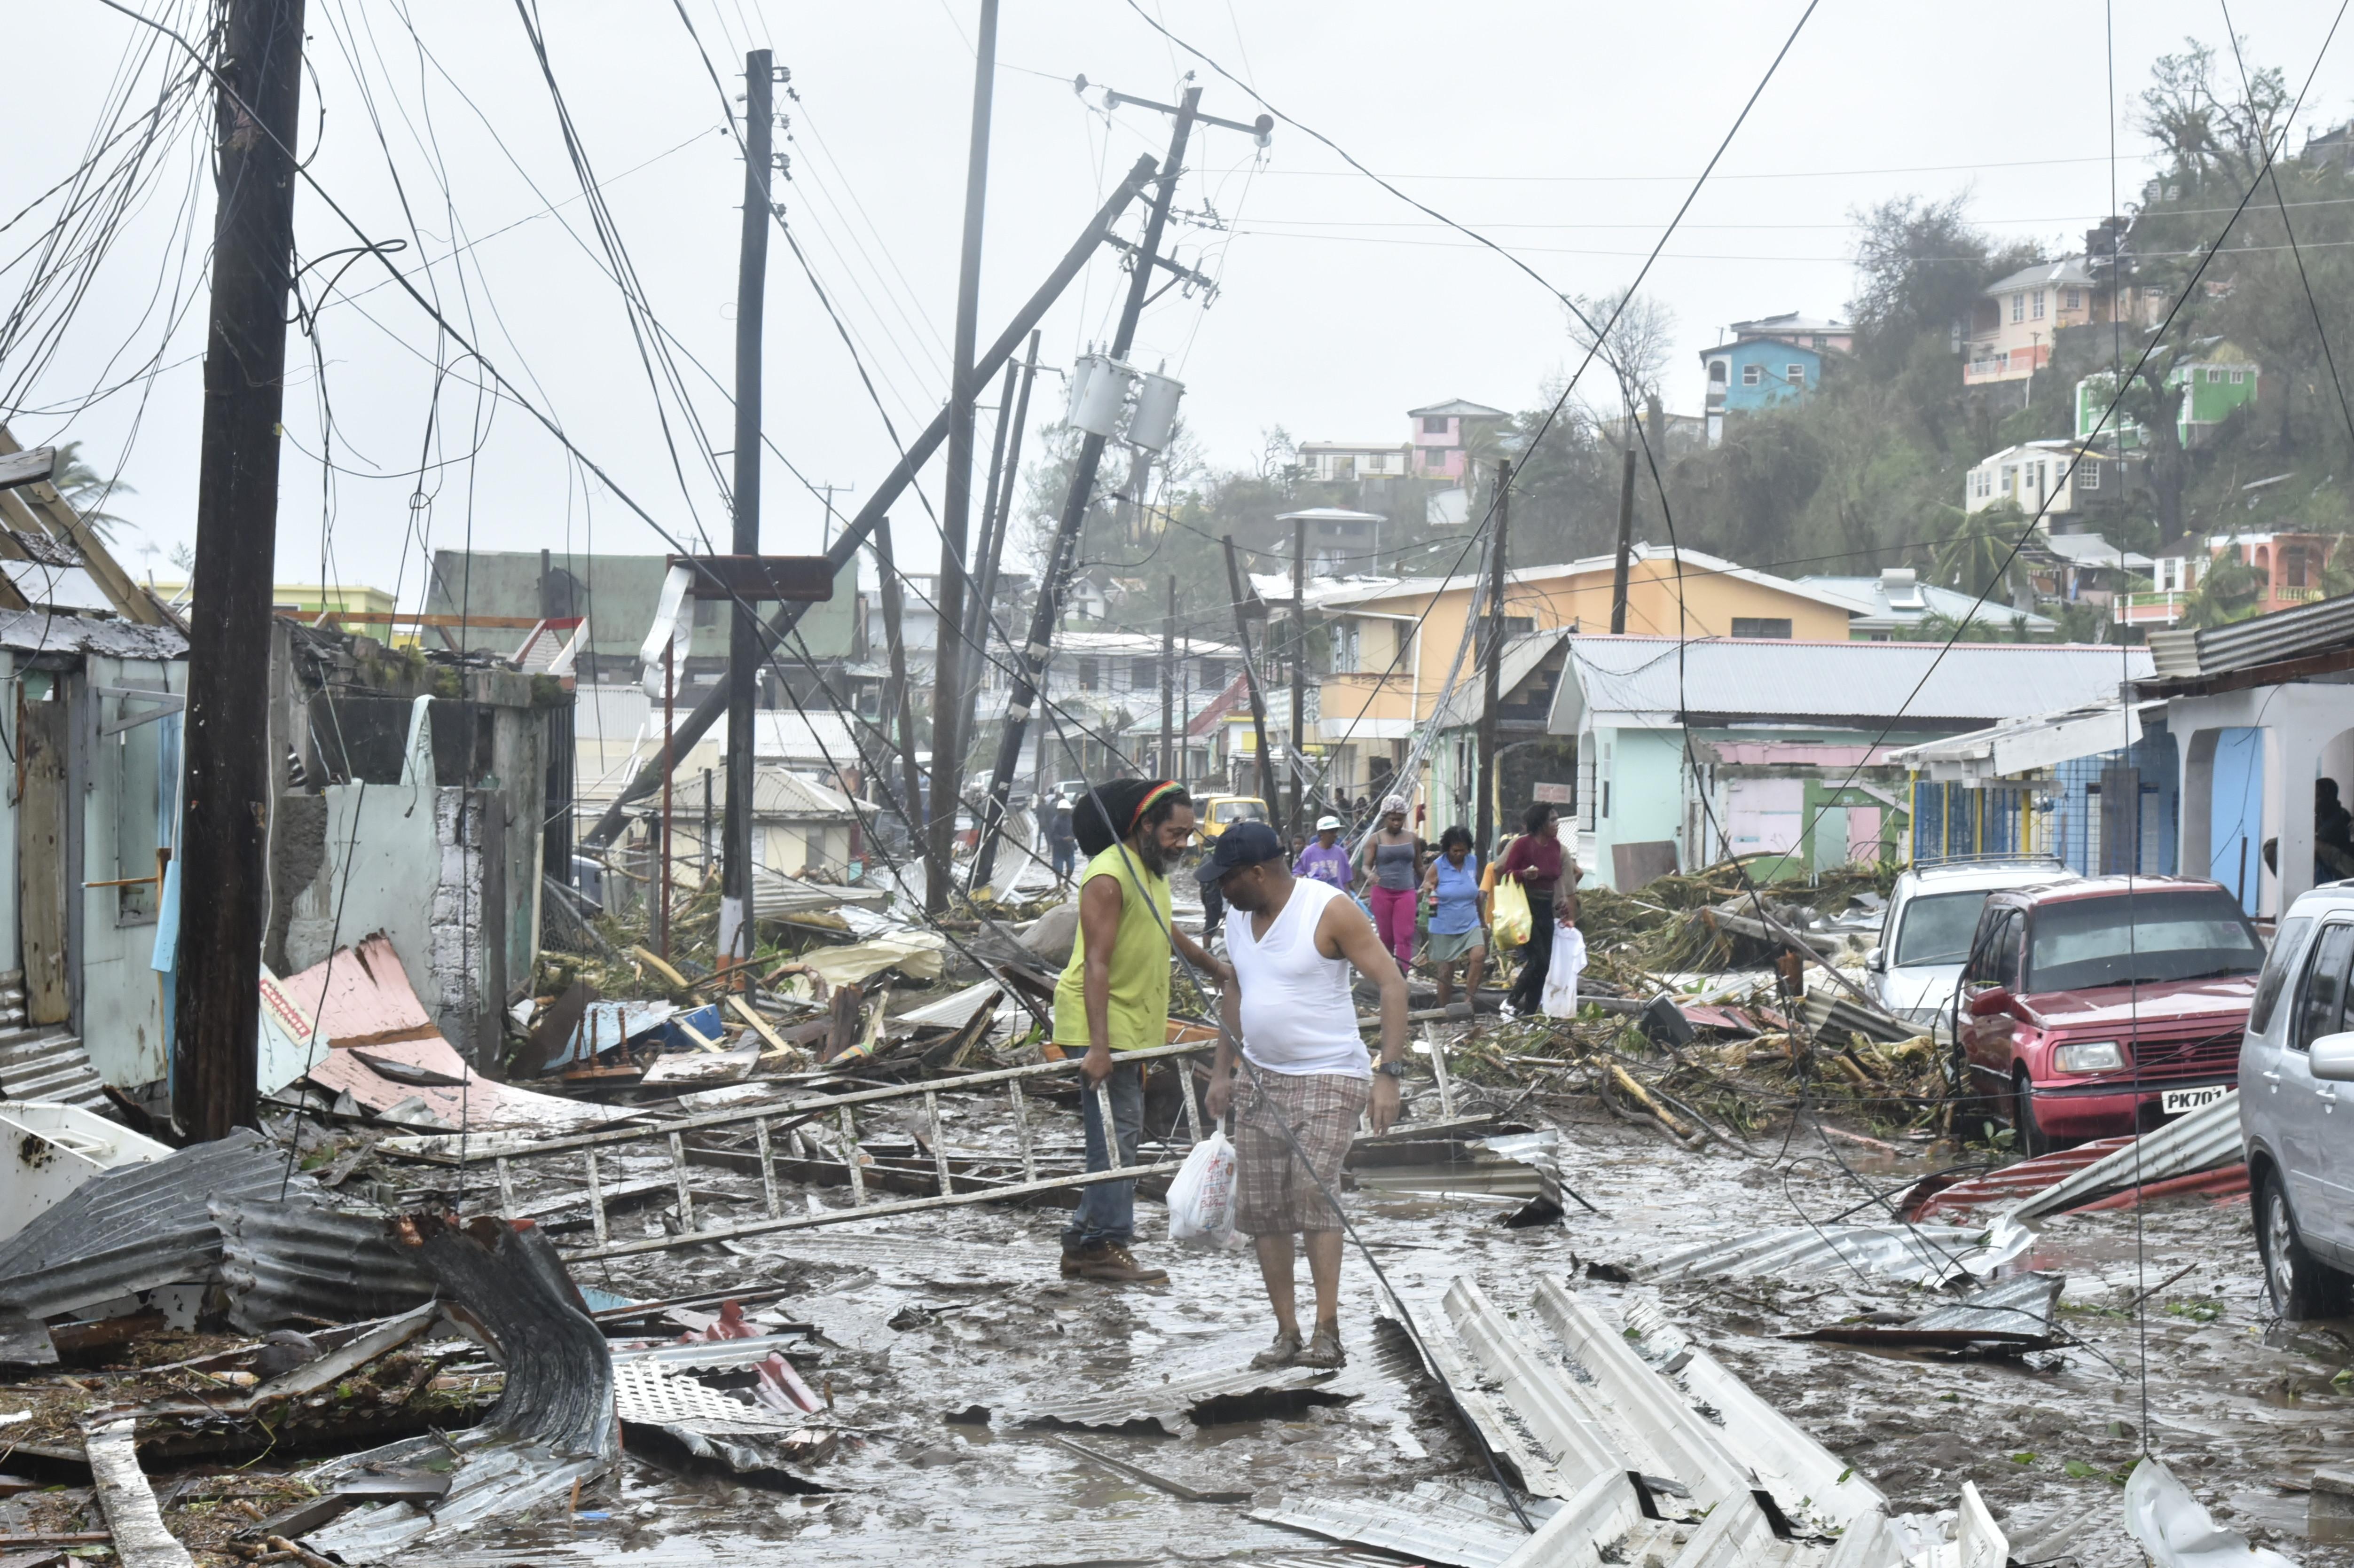 Destruction in Roseau, Dominica, after Hurricane Maria.